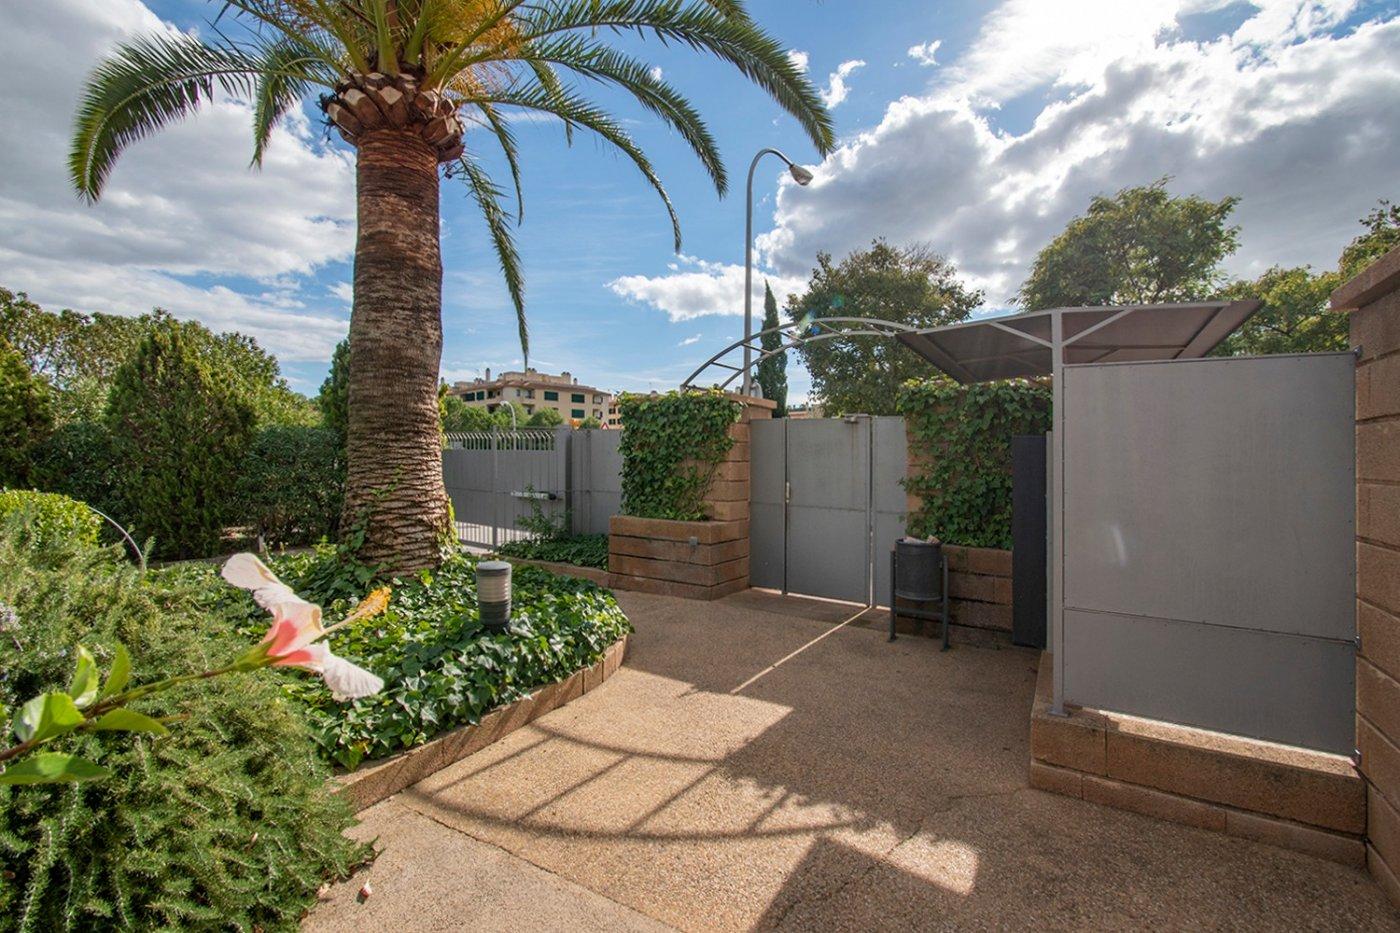 Planta baja de 2 habitaciones, terraza, parking, trastero y zonas comunitarias en son moix - imagenInmueble27